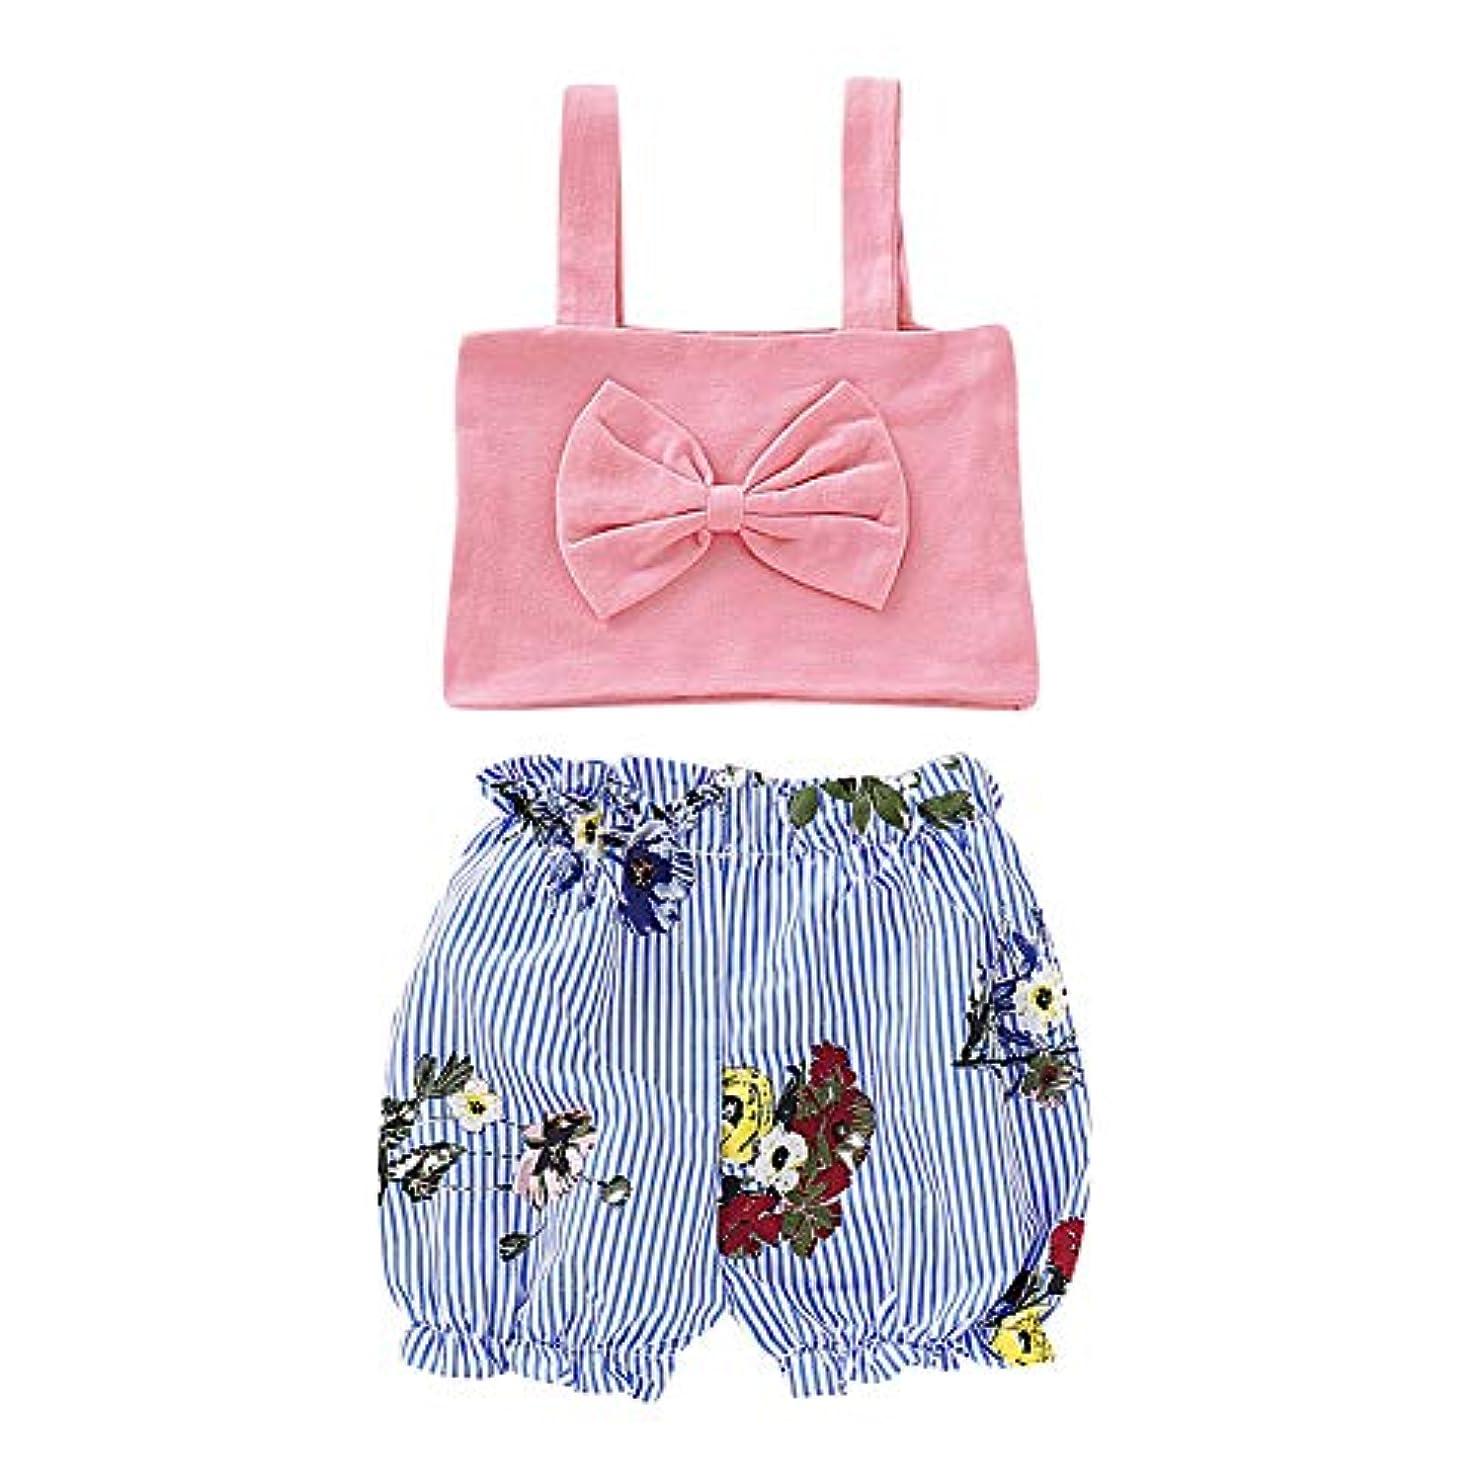 冷淡な近々言い聞かせるRad子供 夏女の赤ちゃんストラップちょう結びトップスTシャツストライプ花柄ショーツスーツカジュアルコスチュームセット